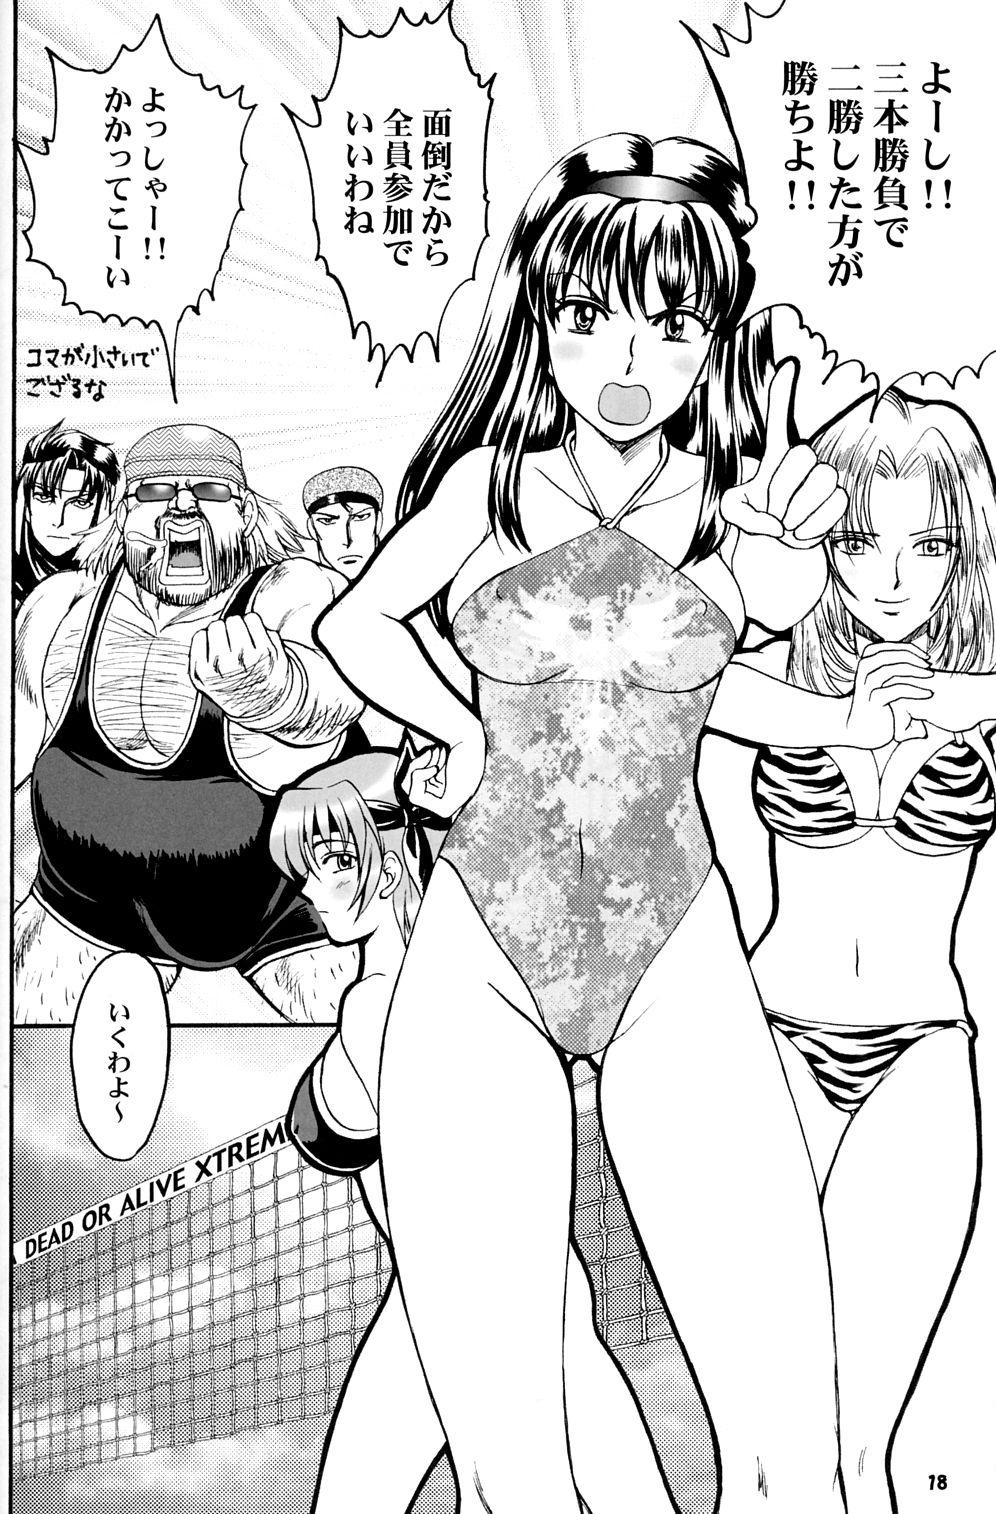 Gokujou desu yo! - It's XTREME! 16